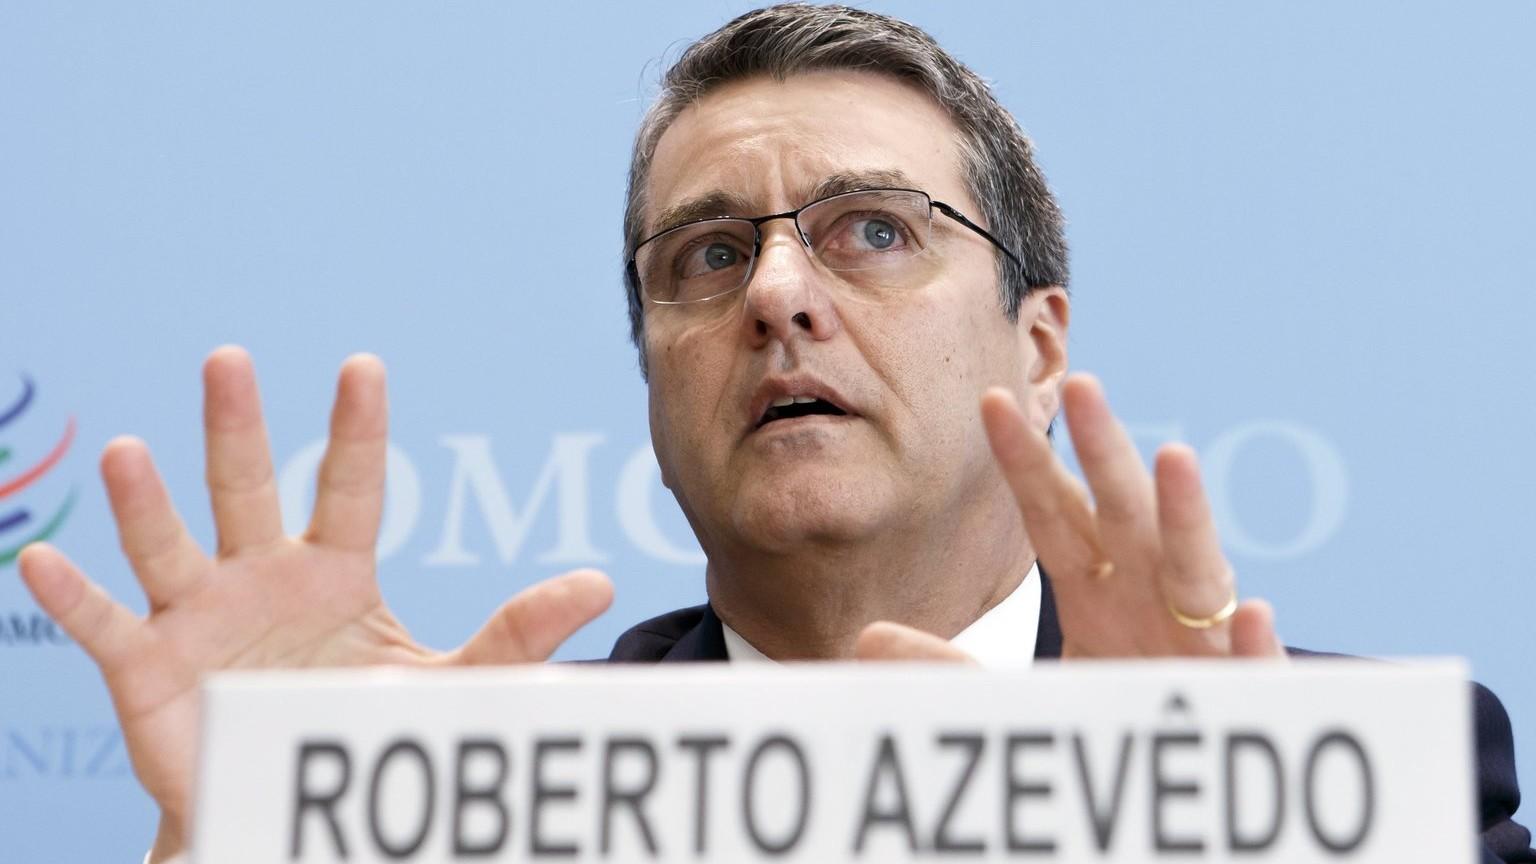 Roberto Azevedo, a Kereskedelmi Világszervezet, a WTO brazil vezérigazgatója (Fotó: MTI/EPA/Salvatore Di Nolfi)